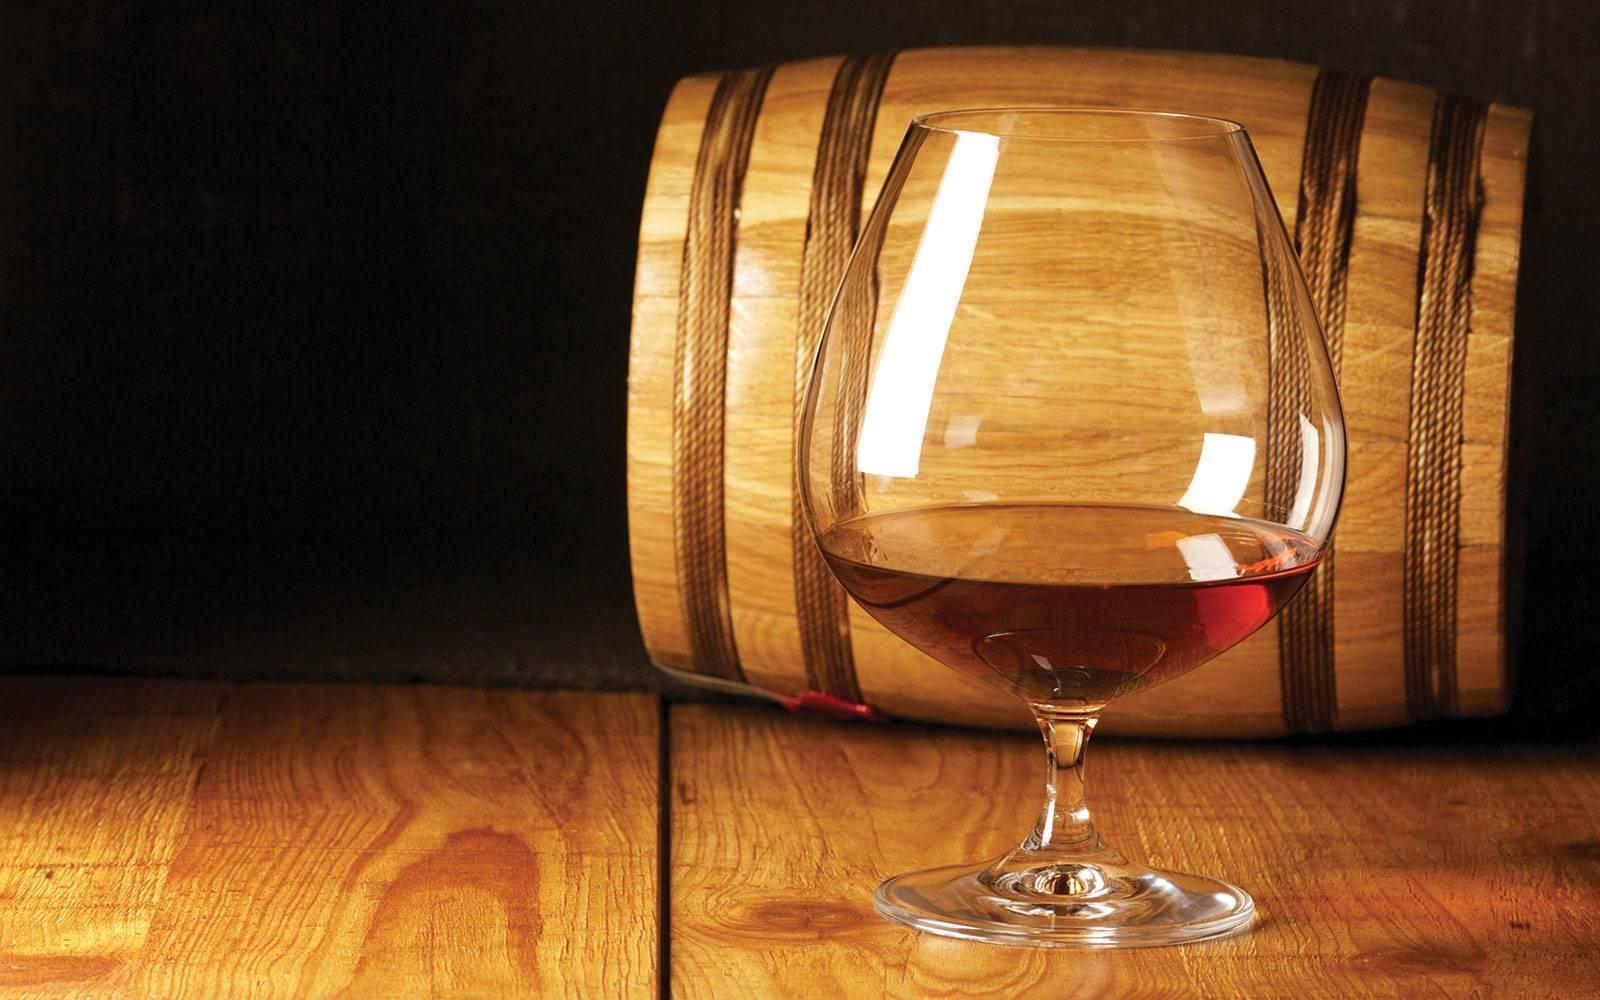 Что лучше, безопаснее — водка, виски, вино или коньяк по степени вреда для здоровья, сосудов? что лучше виски или коньяк